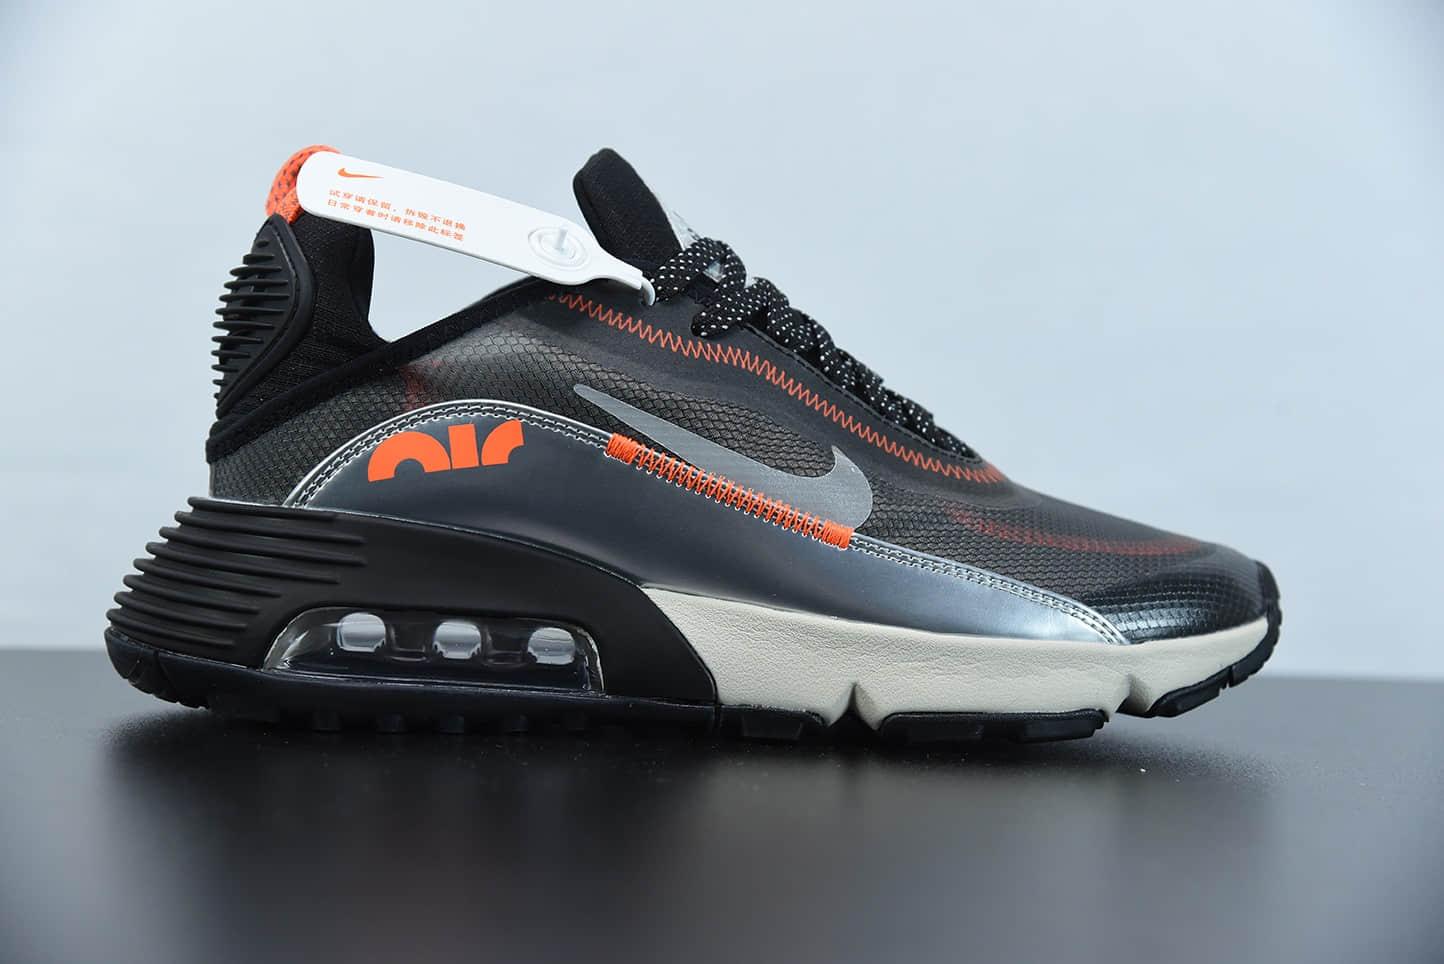 耐克Neymar x Nike Air Max 2090 黑银橙色缓震气垫鞋耐磨防滑超透气休闲跑步鞋纯原版本 货号:CW8611-001